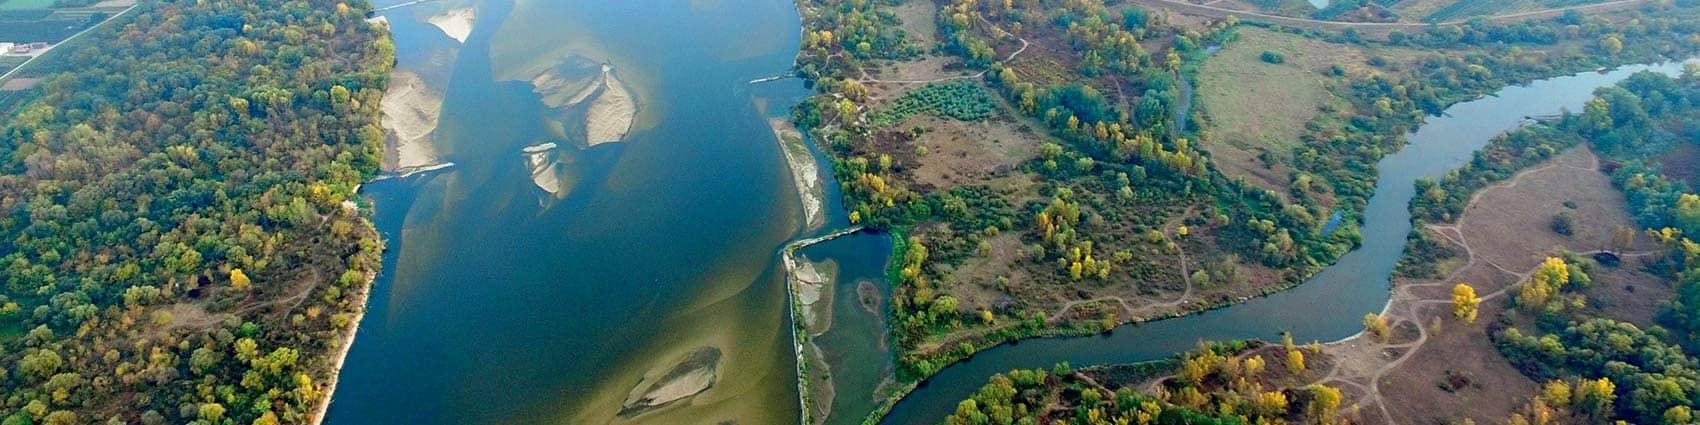 Ochrona środowiska a zmiany klimatu | Ochrona rzek | Wpływ zmian klimatycznych na rzeki | Regulacja rzek